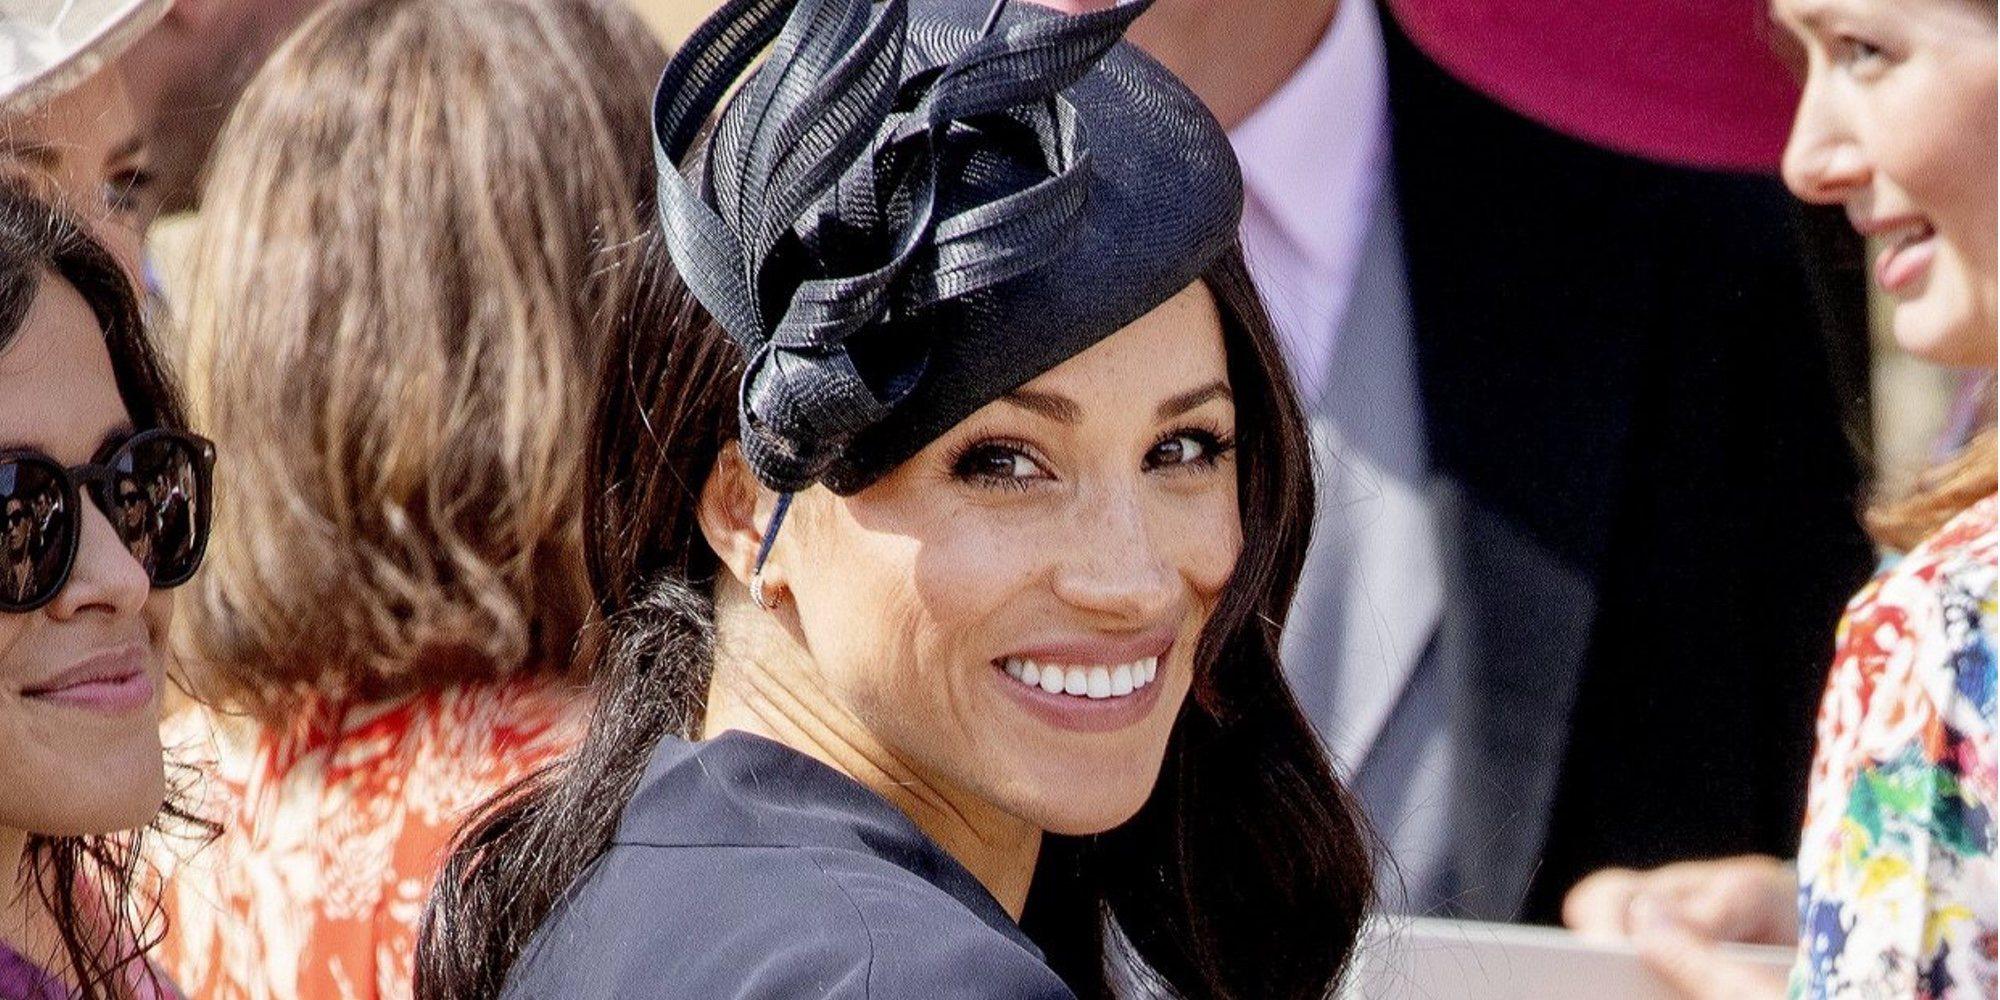 Meghan Markle se niega a adoptar ciertas constumbres de royal acorde con su categoría de Duquesa de Sussex